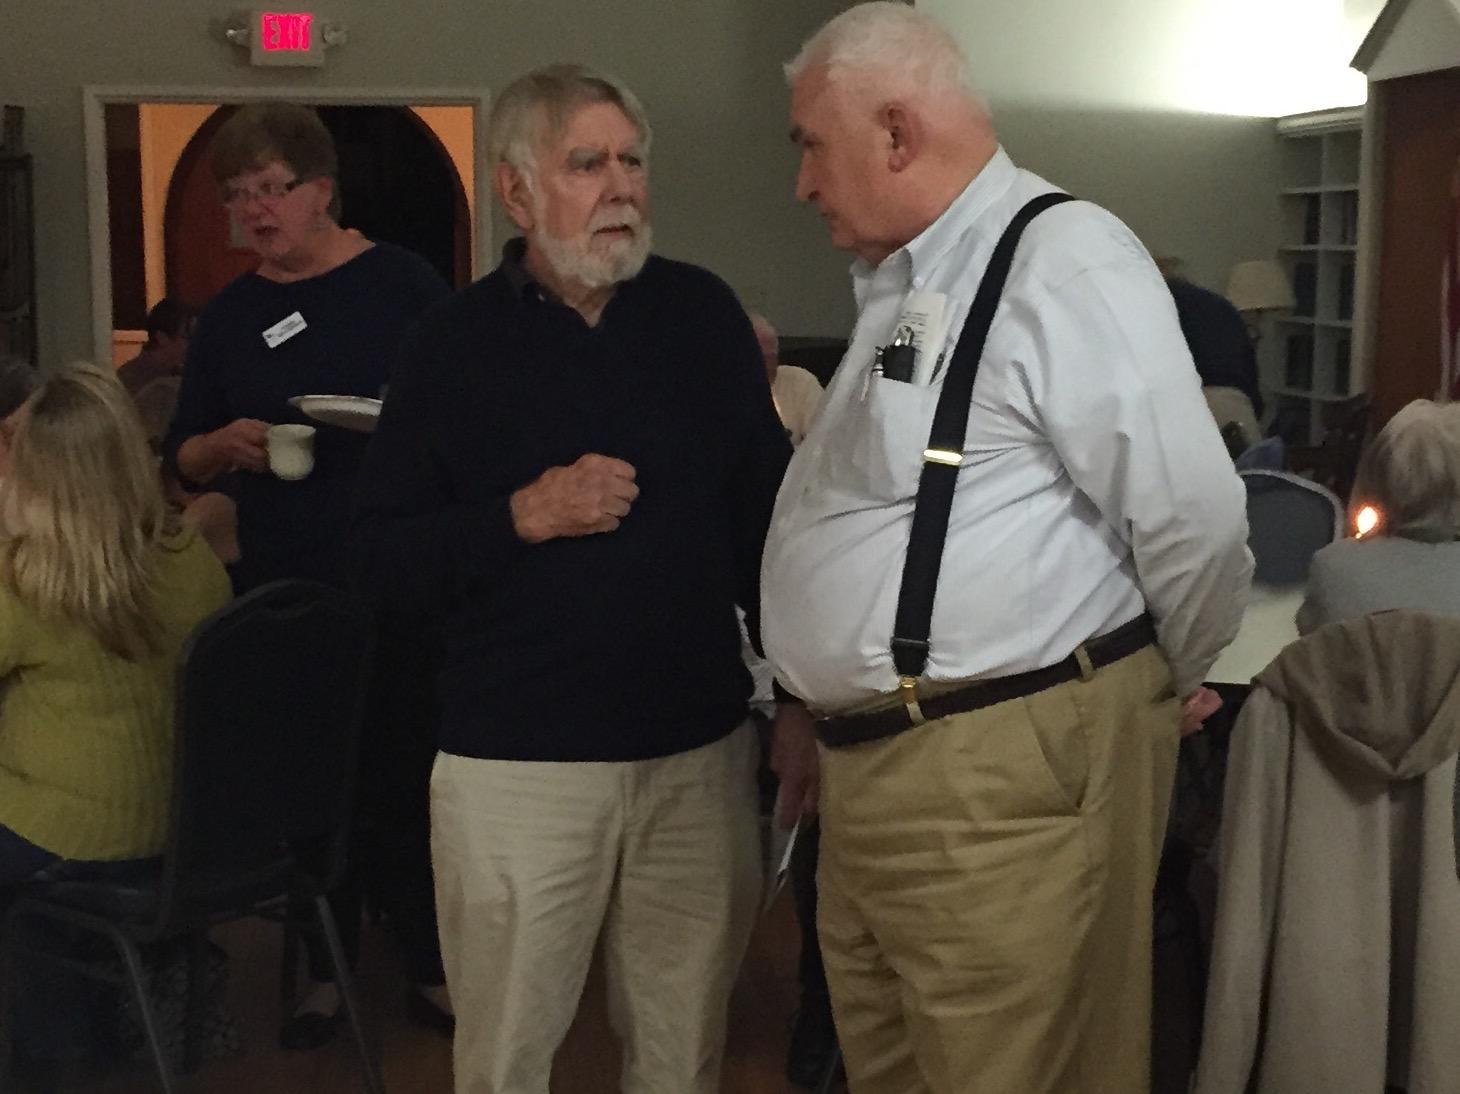 George Kent and Bishop Joslin